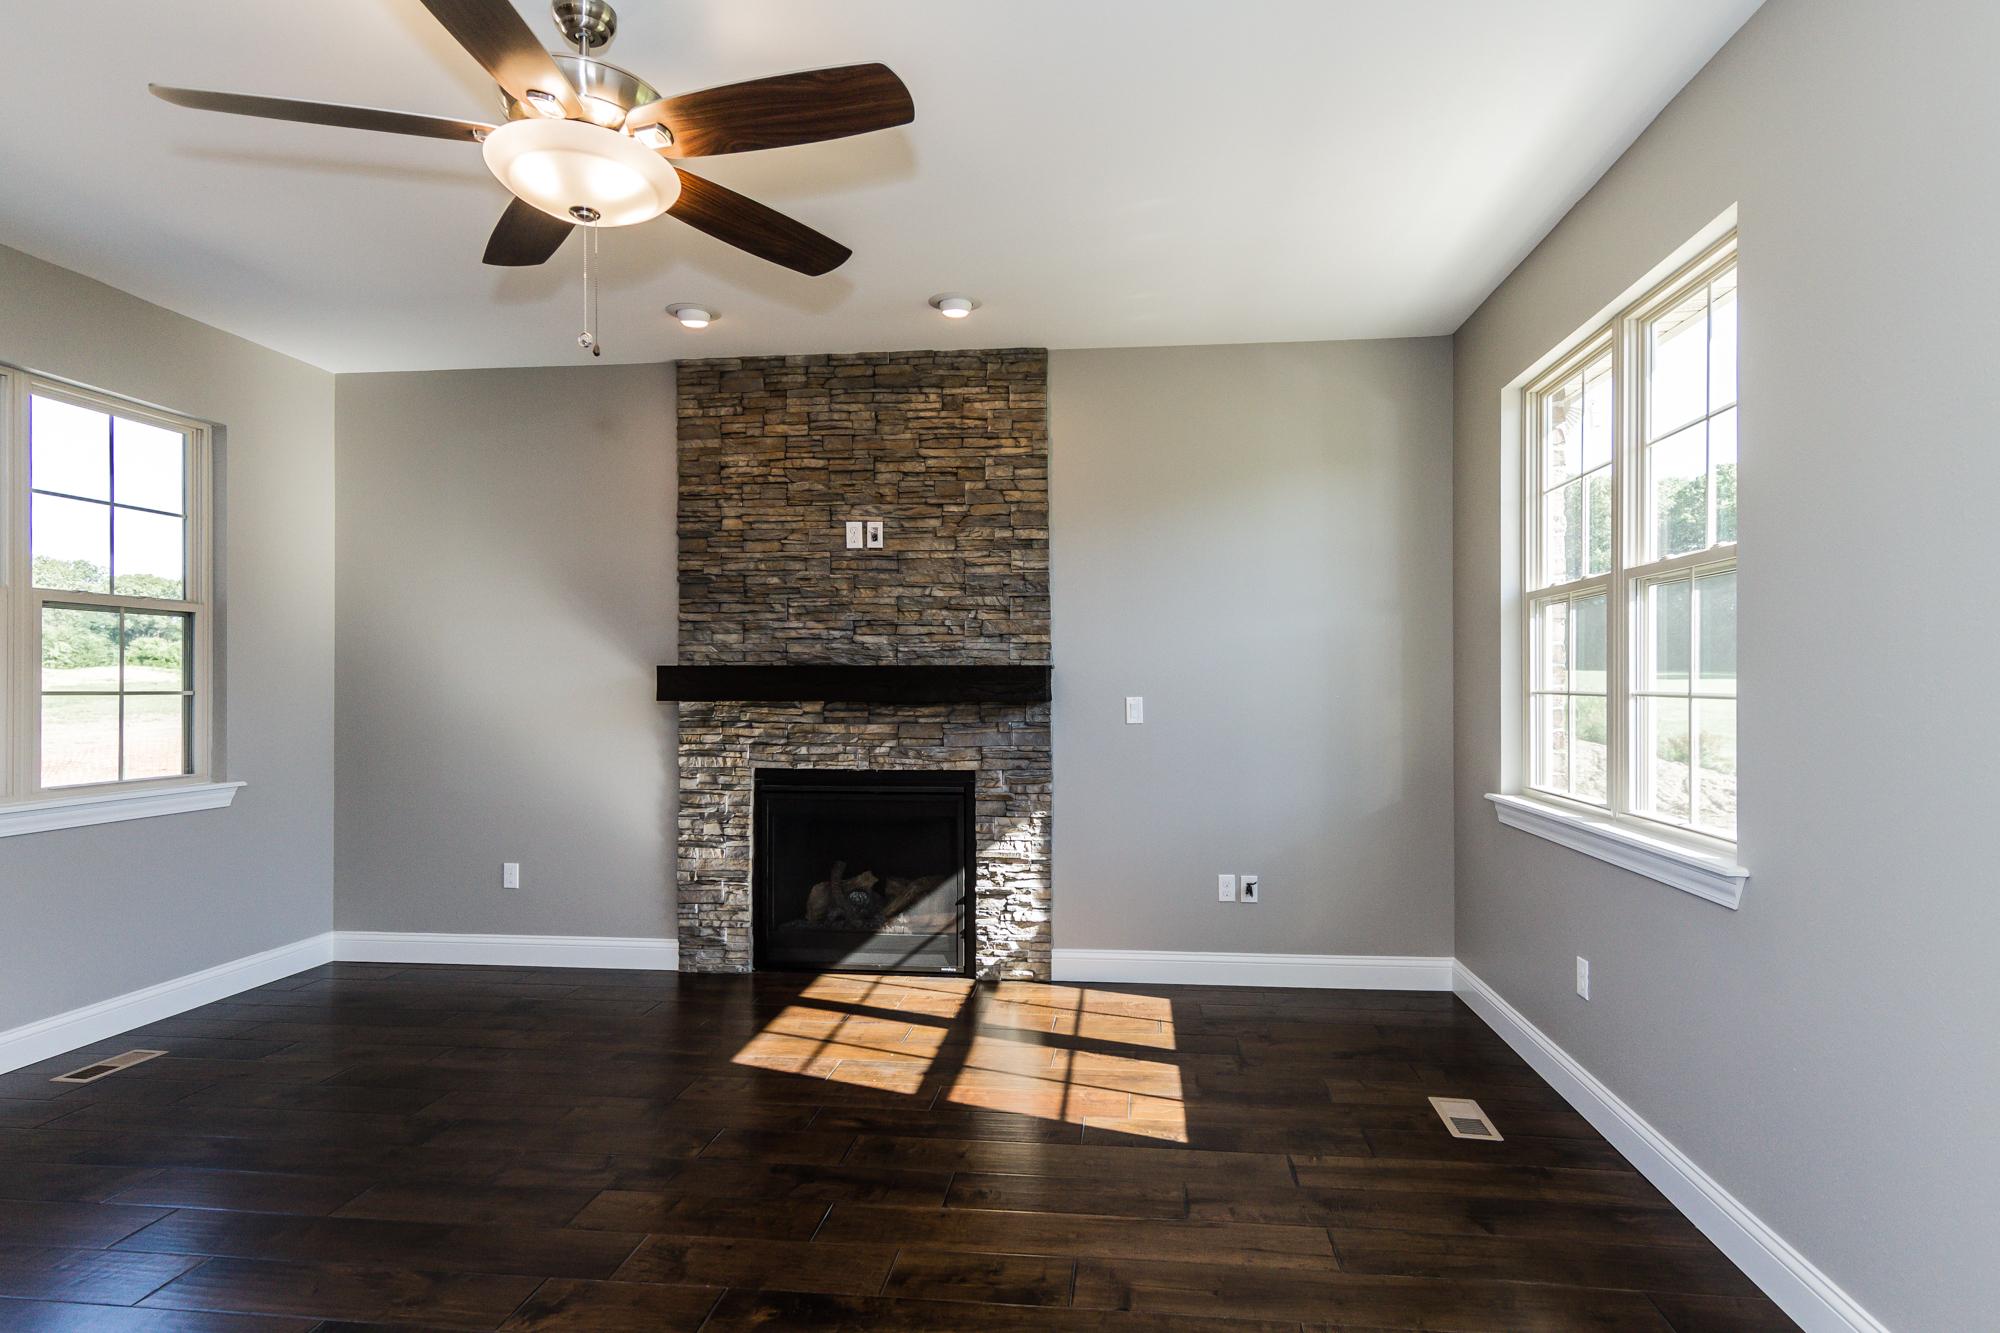 New-Construction-For-Sale-O'Fallon-Illinois-CR-Holland-0-50.1.jpg